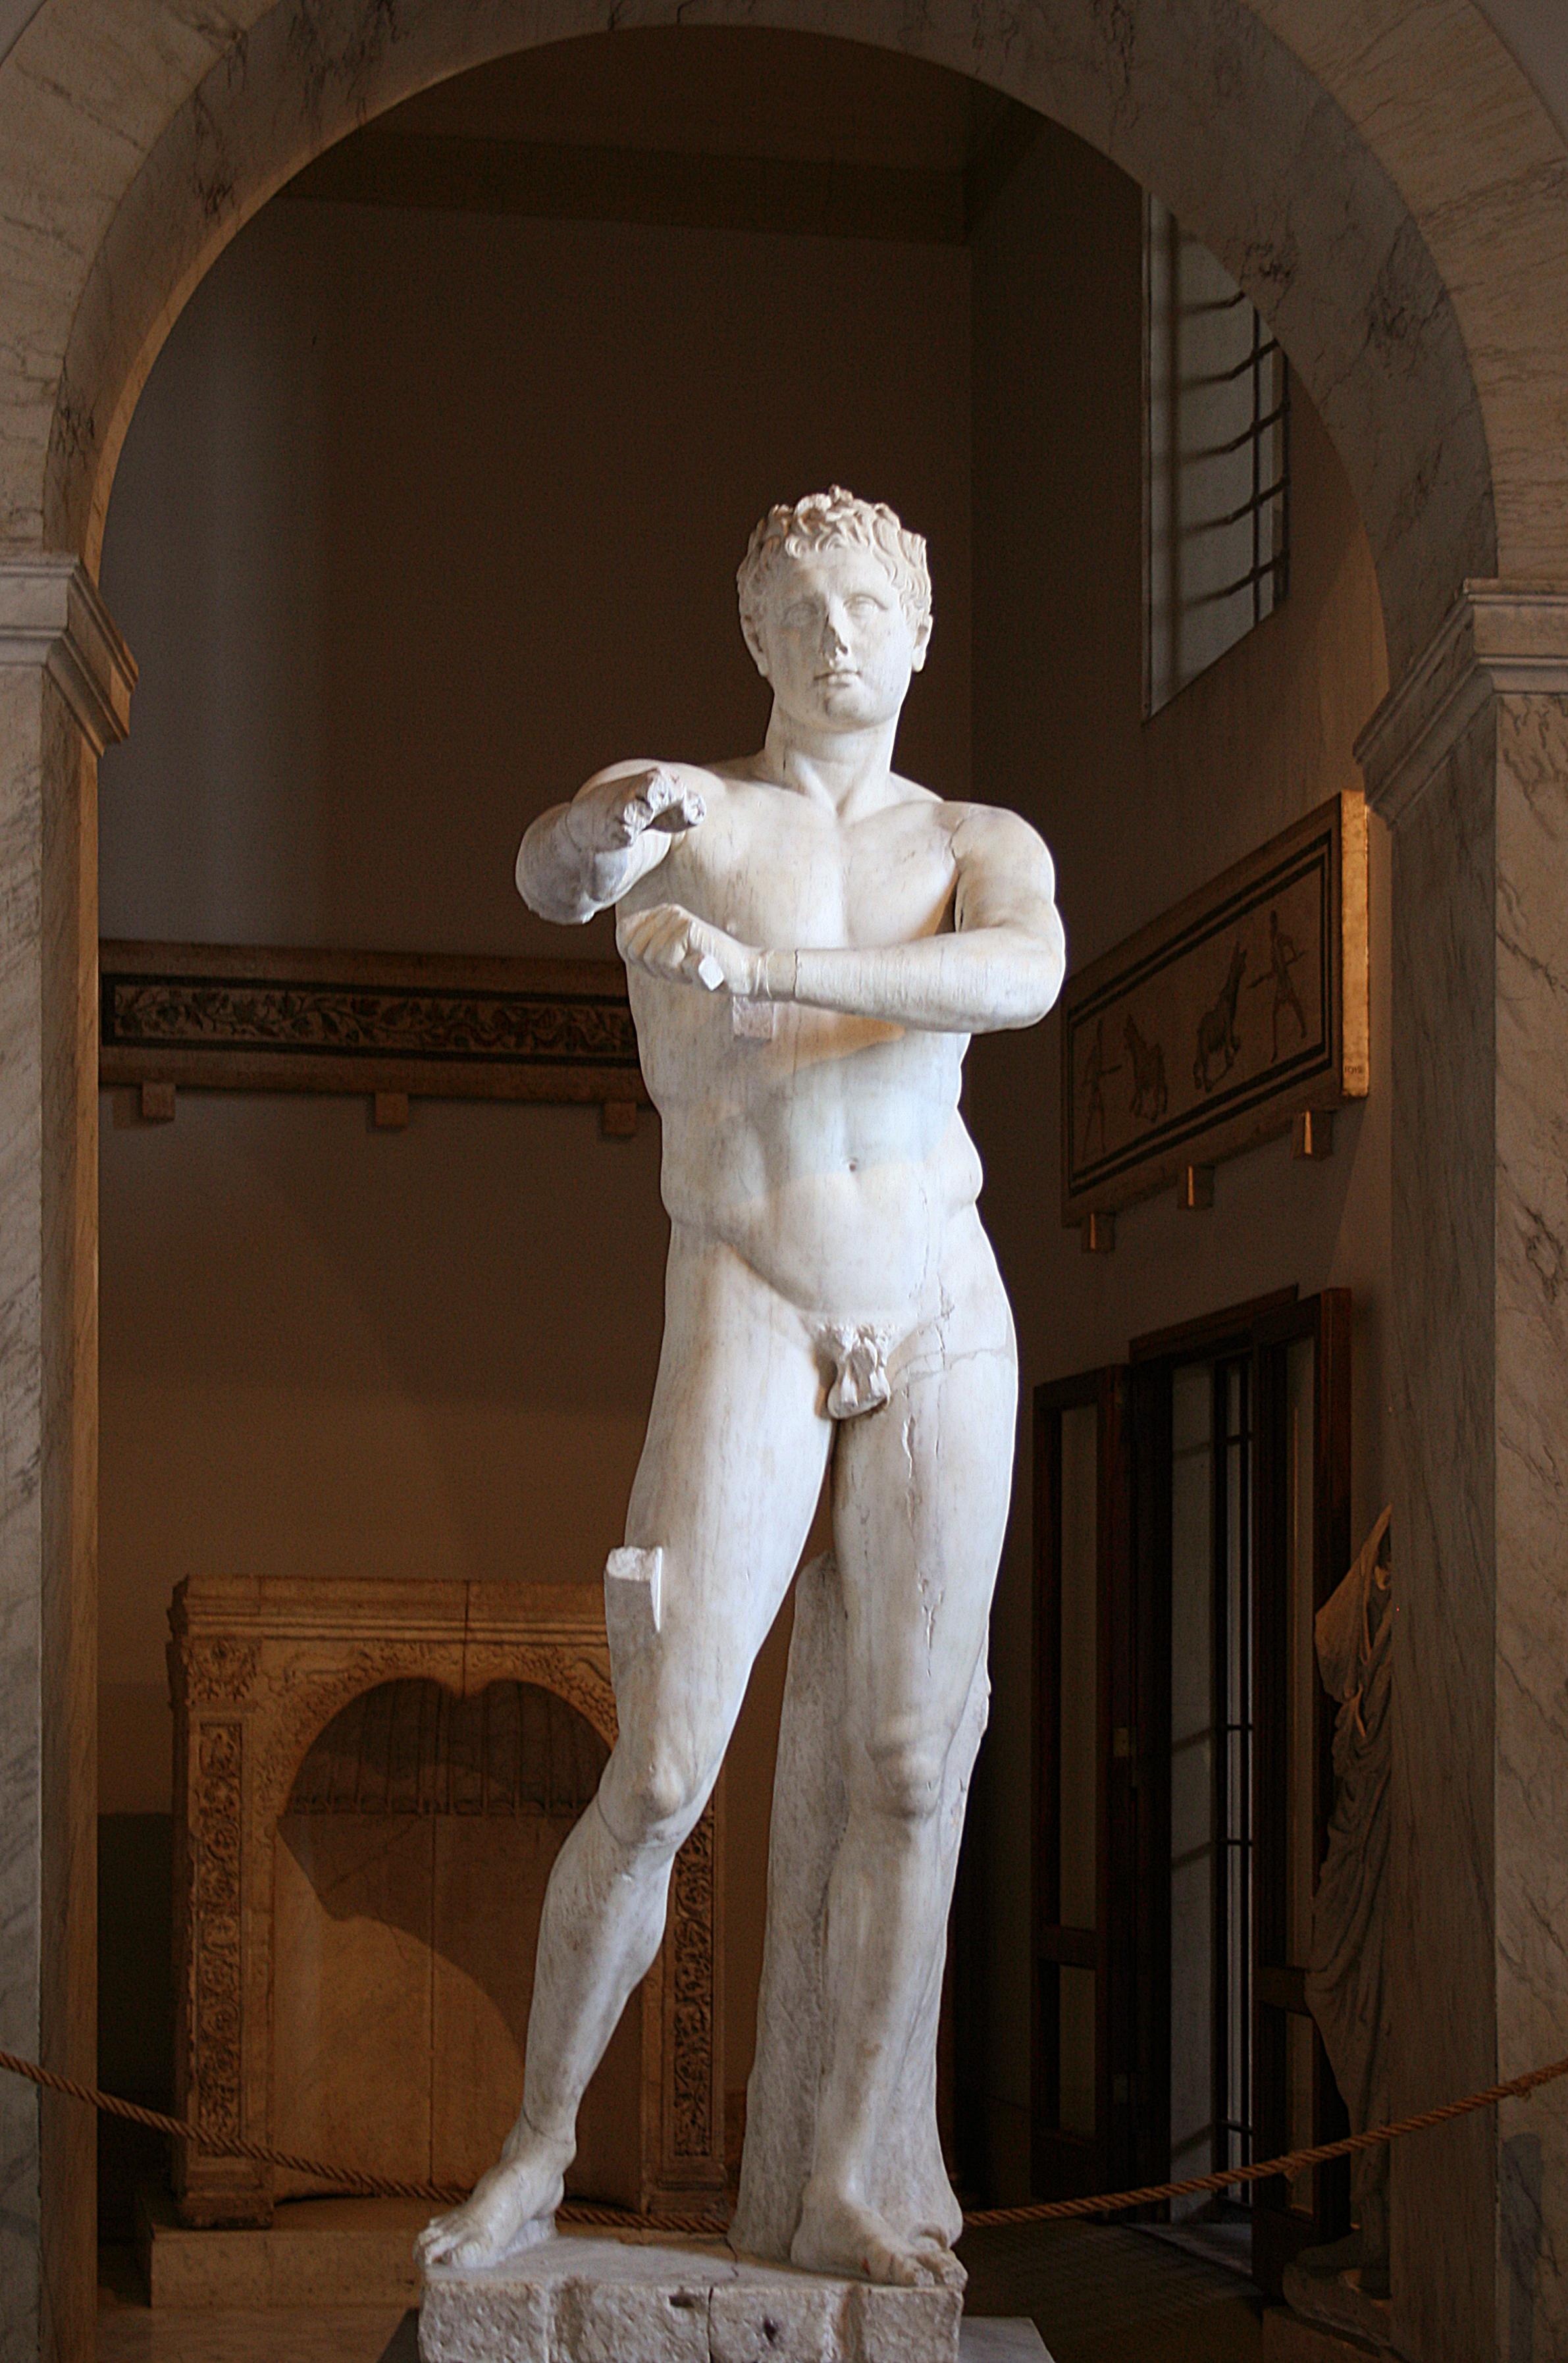 File:0 Apoxyómenos - Museo Pio-Clementino (Vatican).JPG ...  File:0 Apoxyóm...